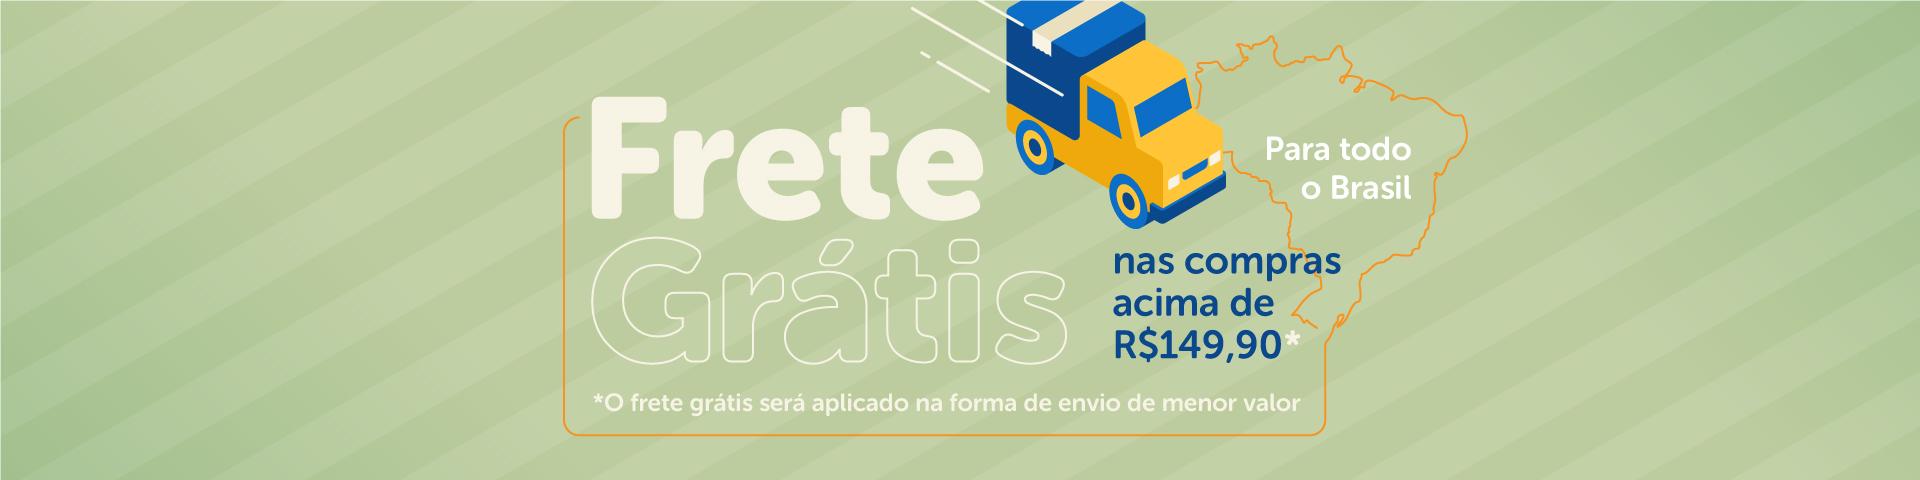 Frete Grátis 149,90